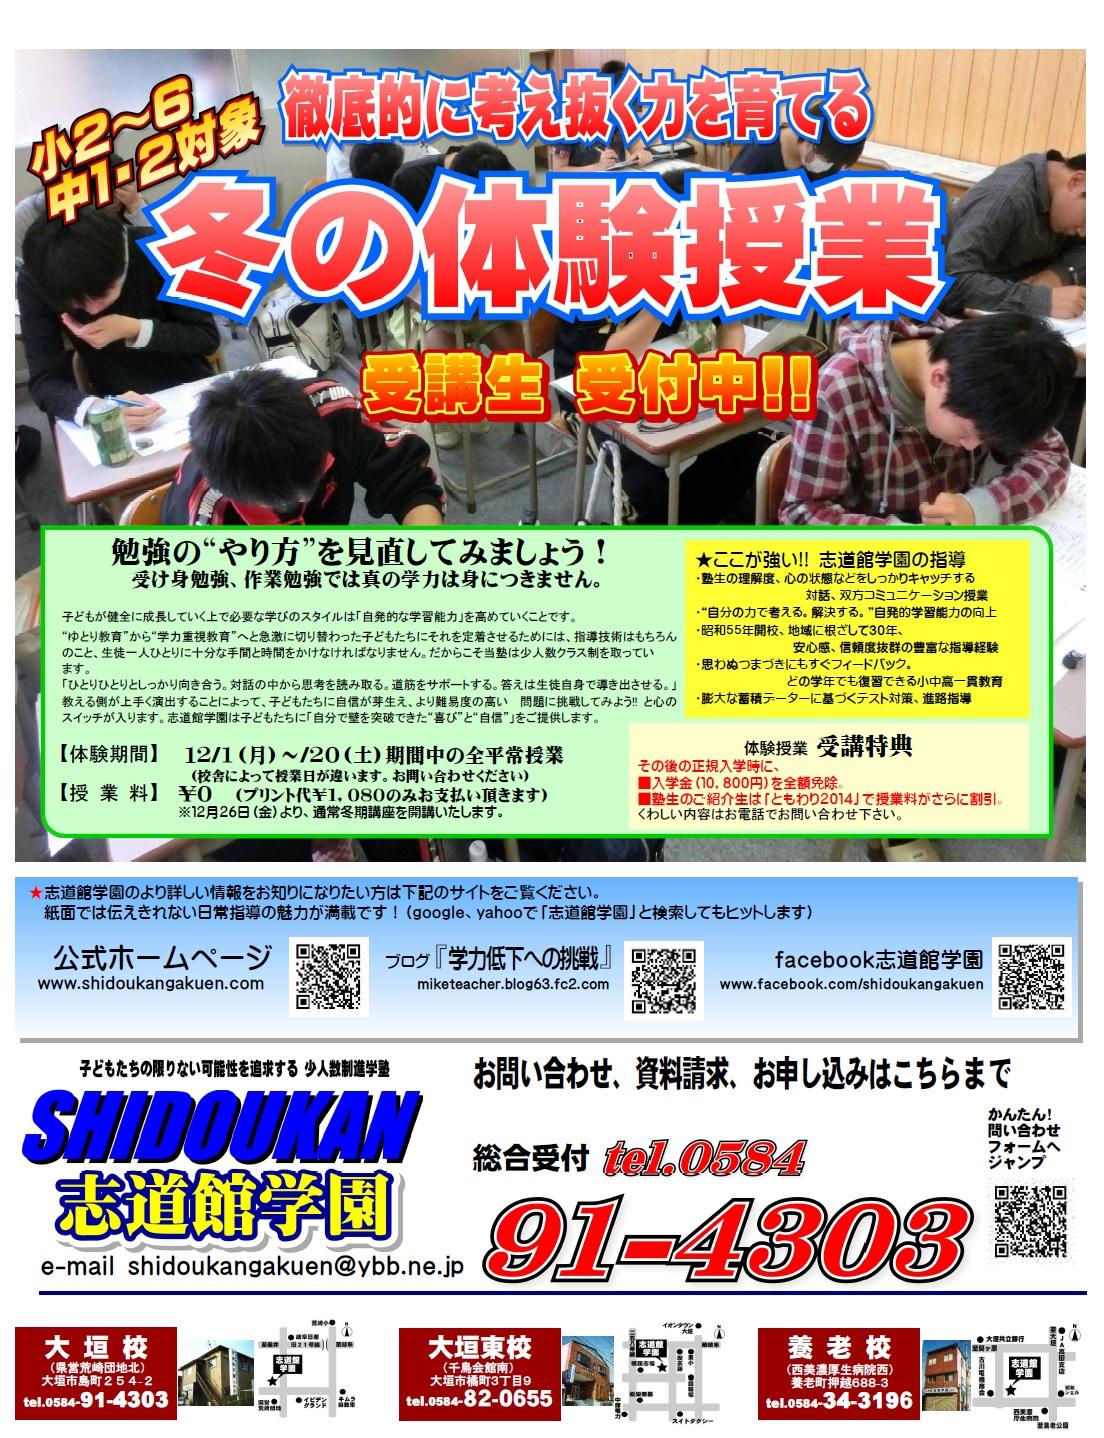 2014冬期講座web広告①